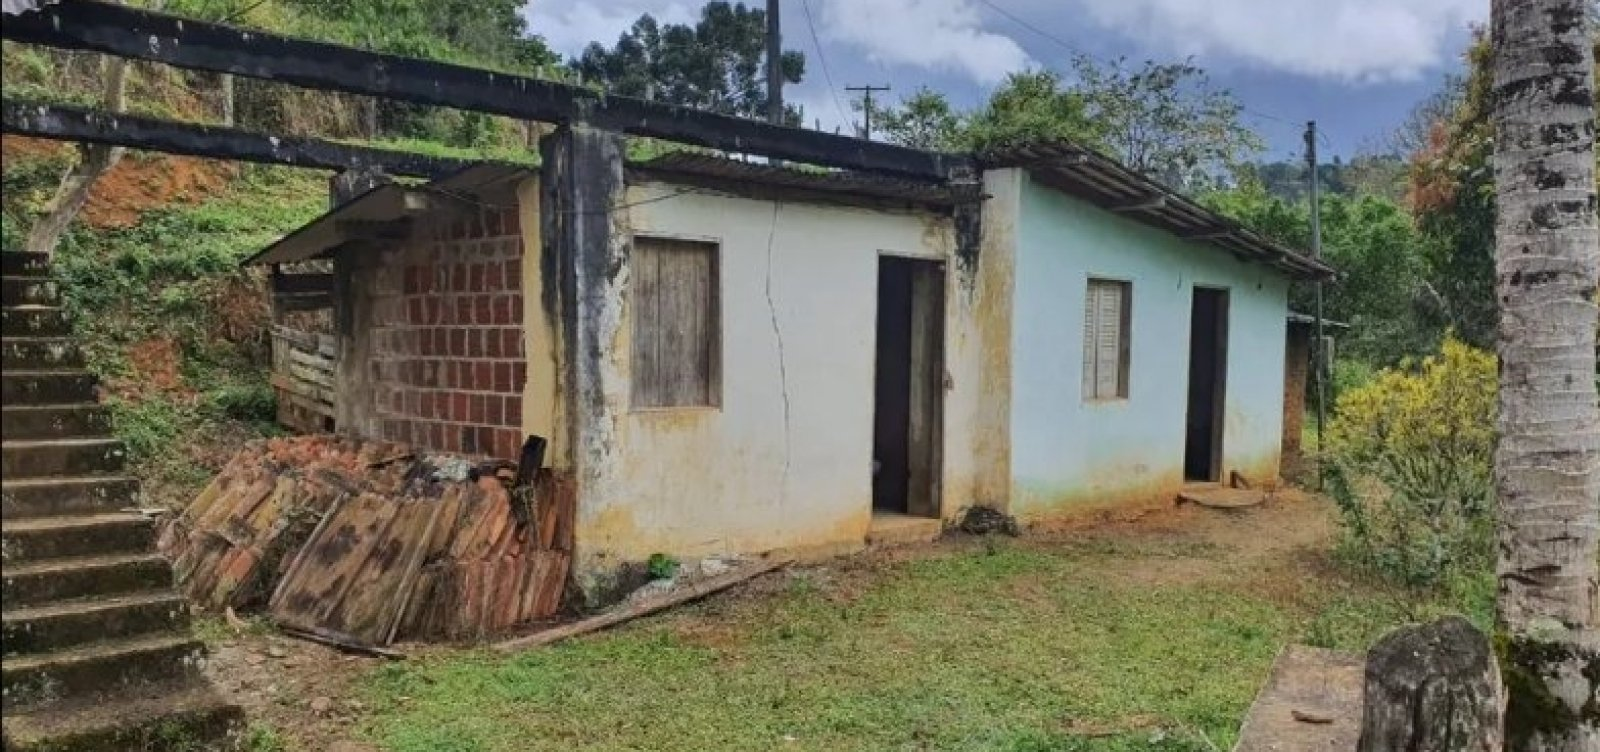 [Ibirataia: seis homens são presos em propriedade rural com 3,5 mil pés de maconha]